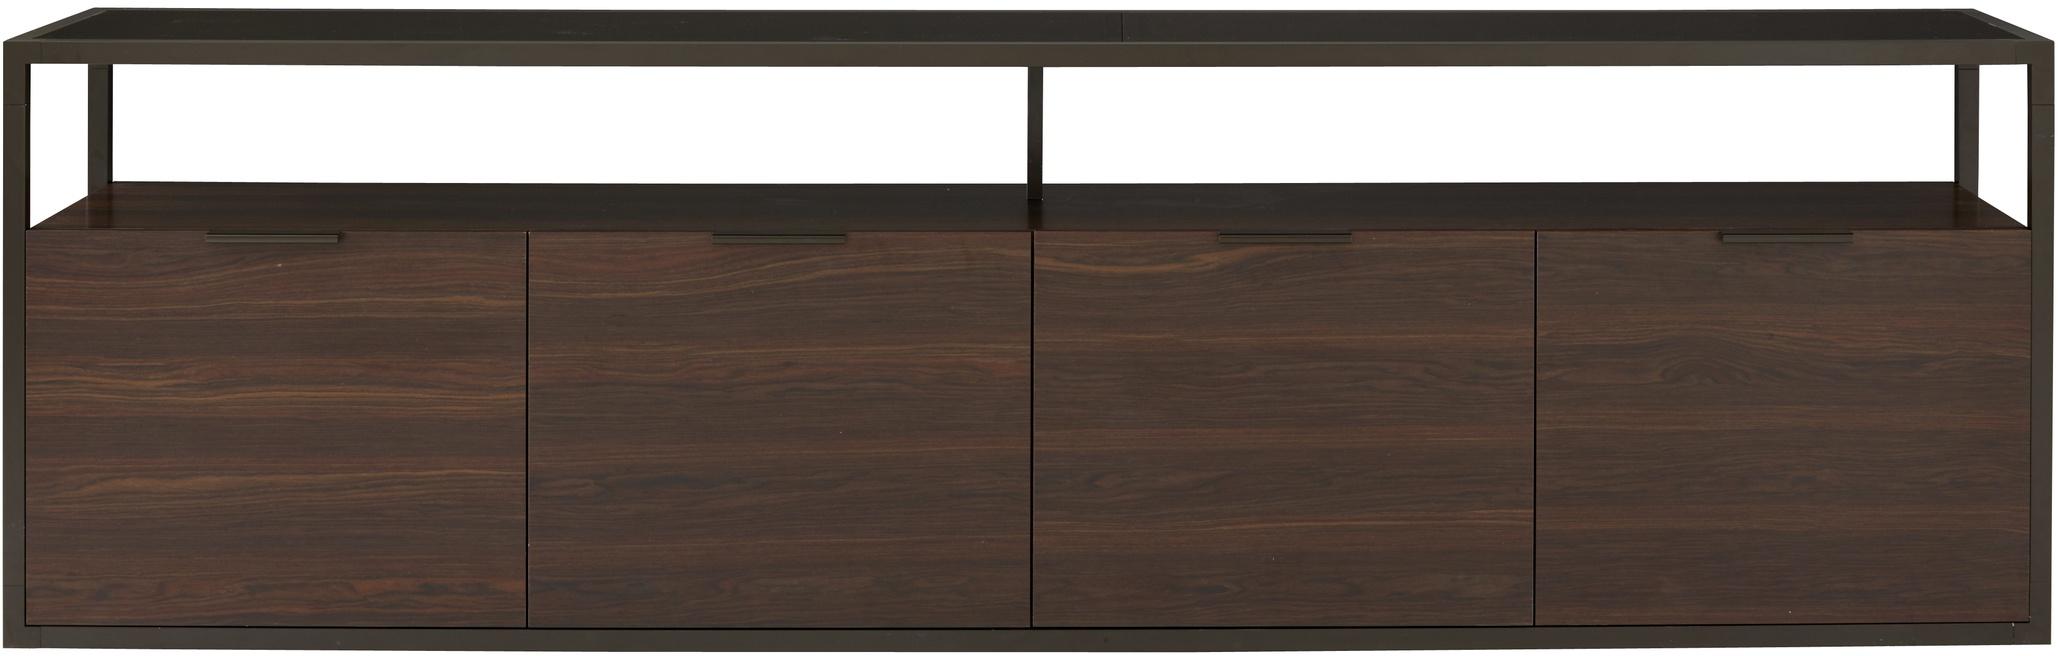 dedicato bahuts designer didier gomez ligne roset. Black Bedroom Furniture Sets. Home Design Ideas